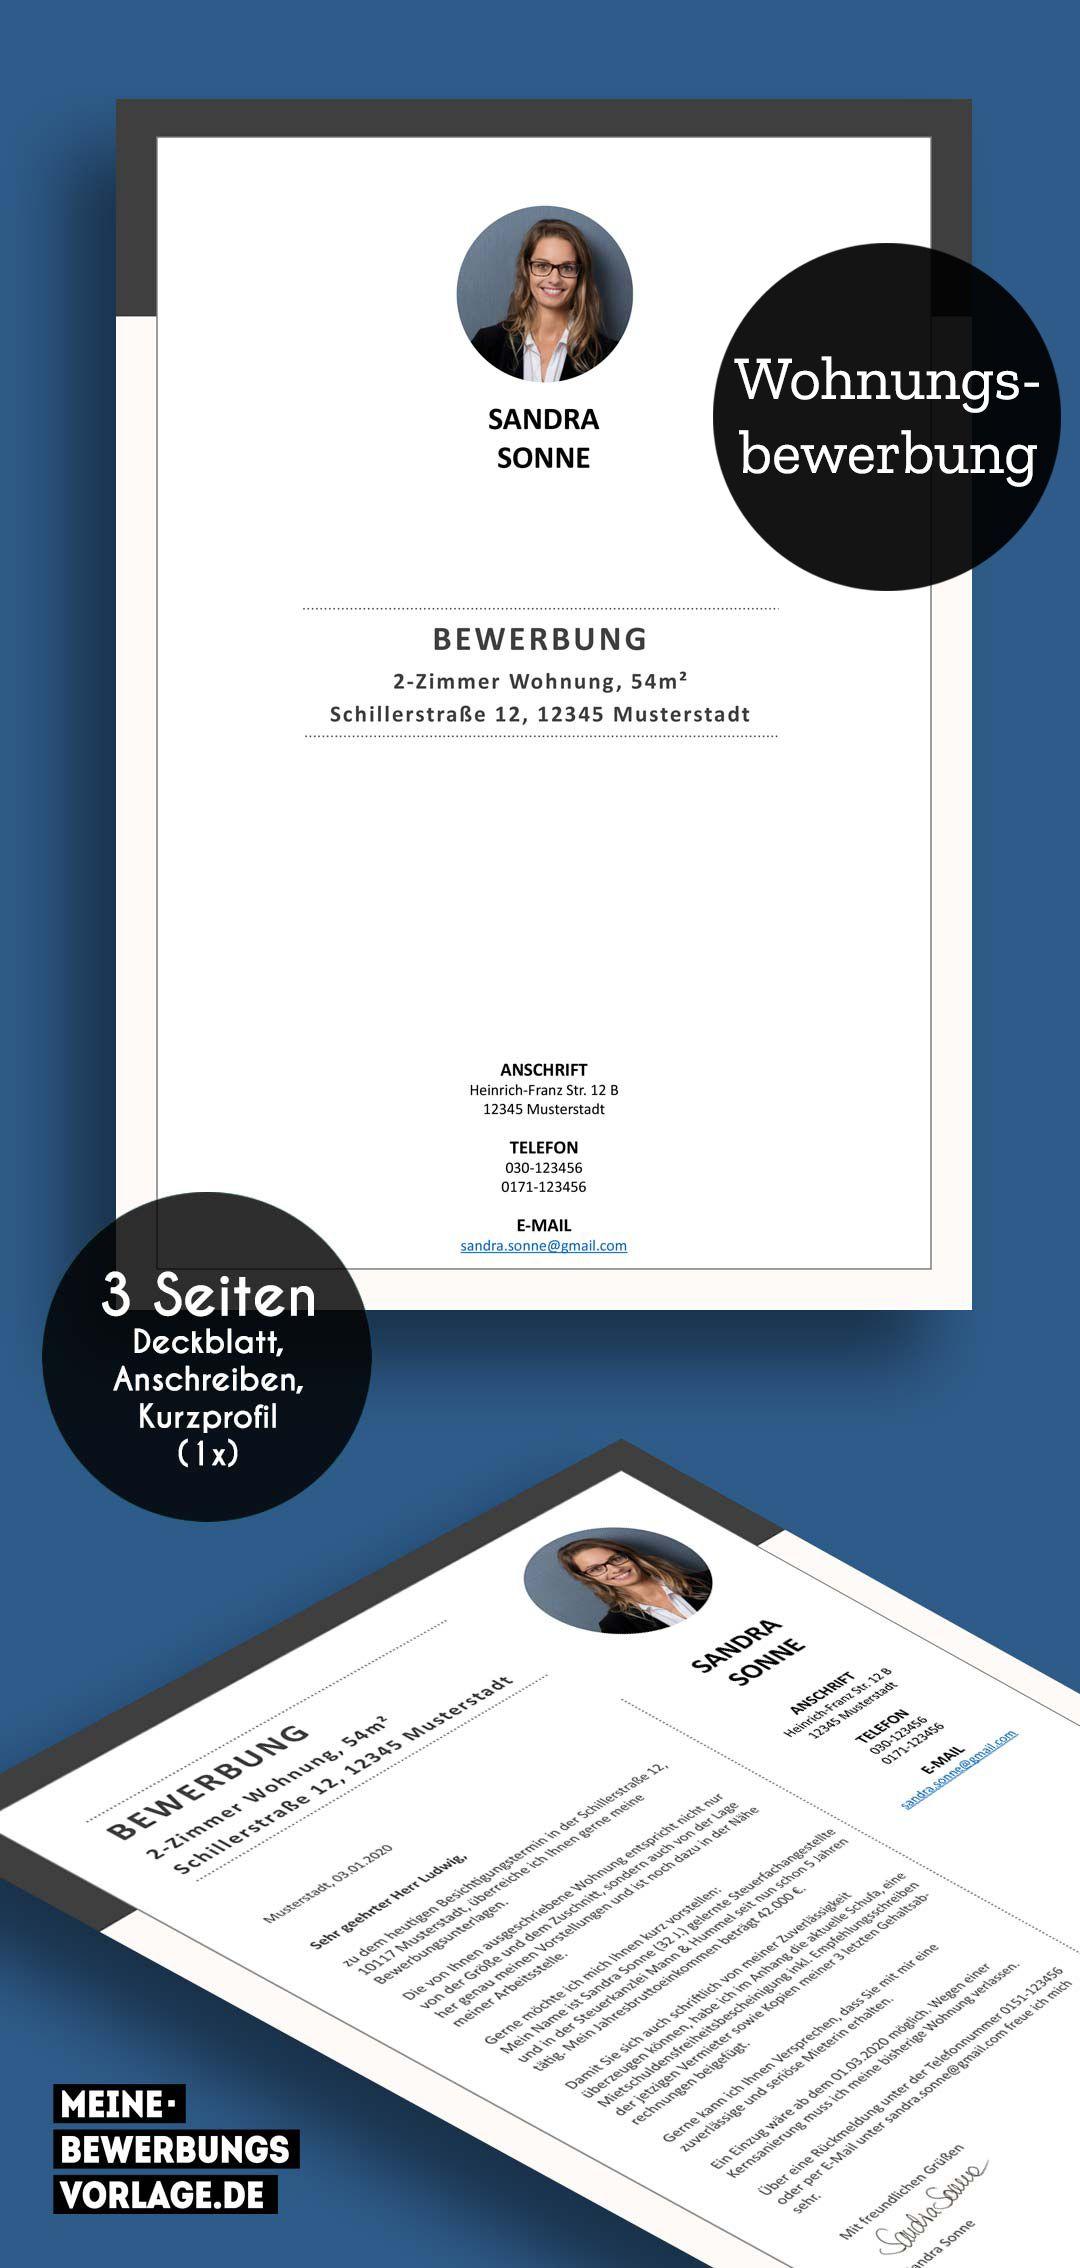 Wohnungsbewerbung In 2020 Bewerbung Bewerbung Schreiben Flugblatt Design